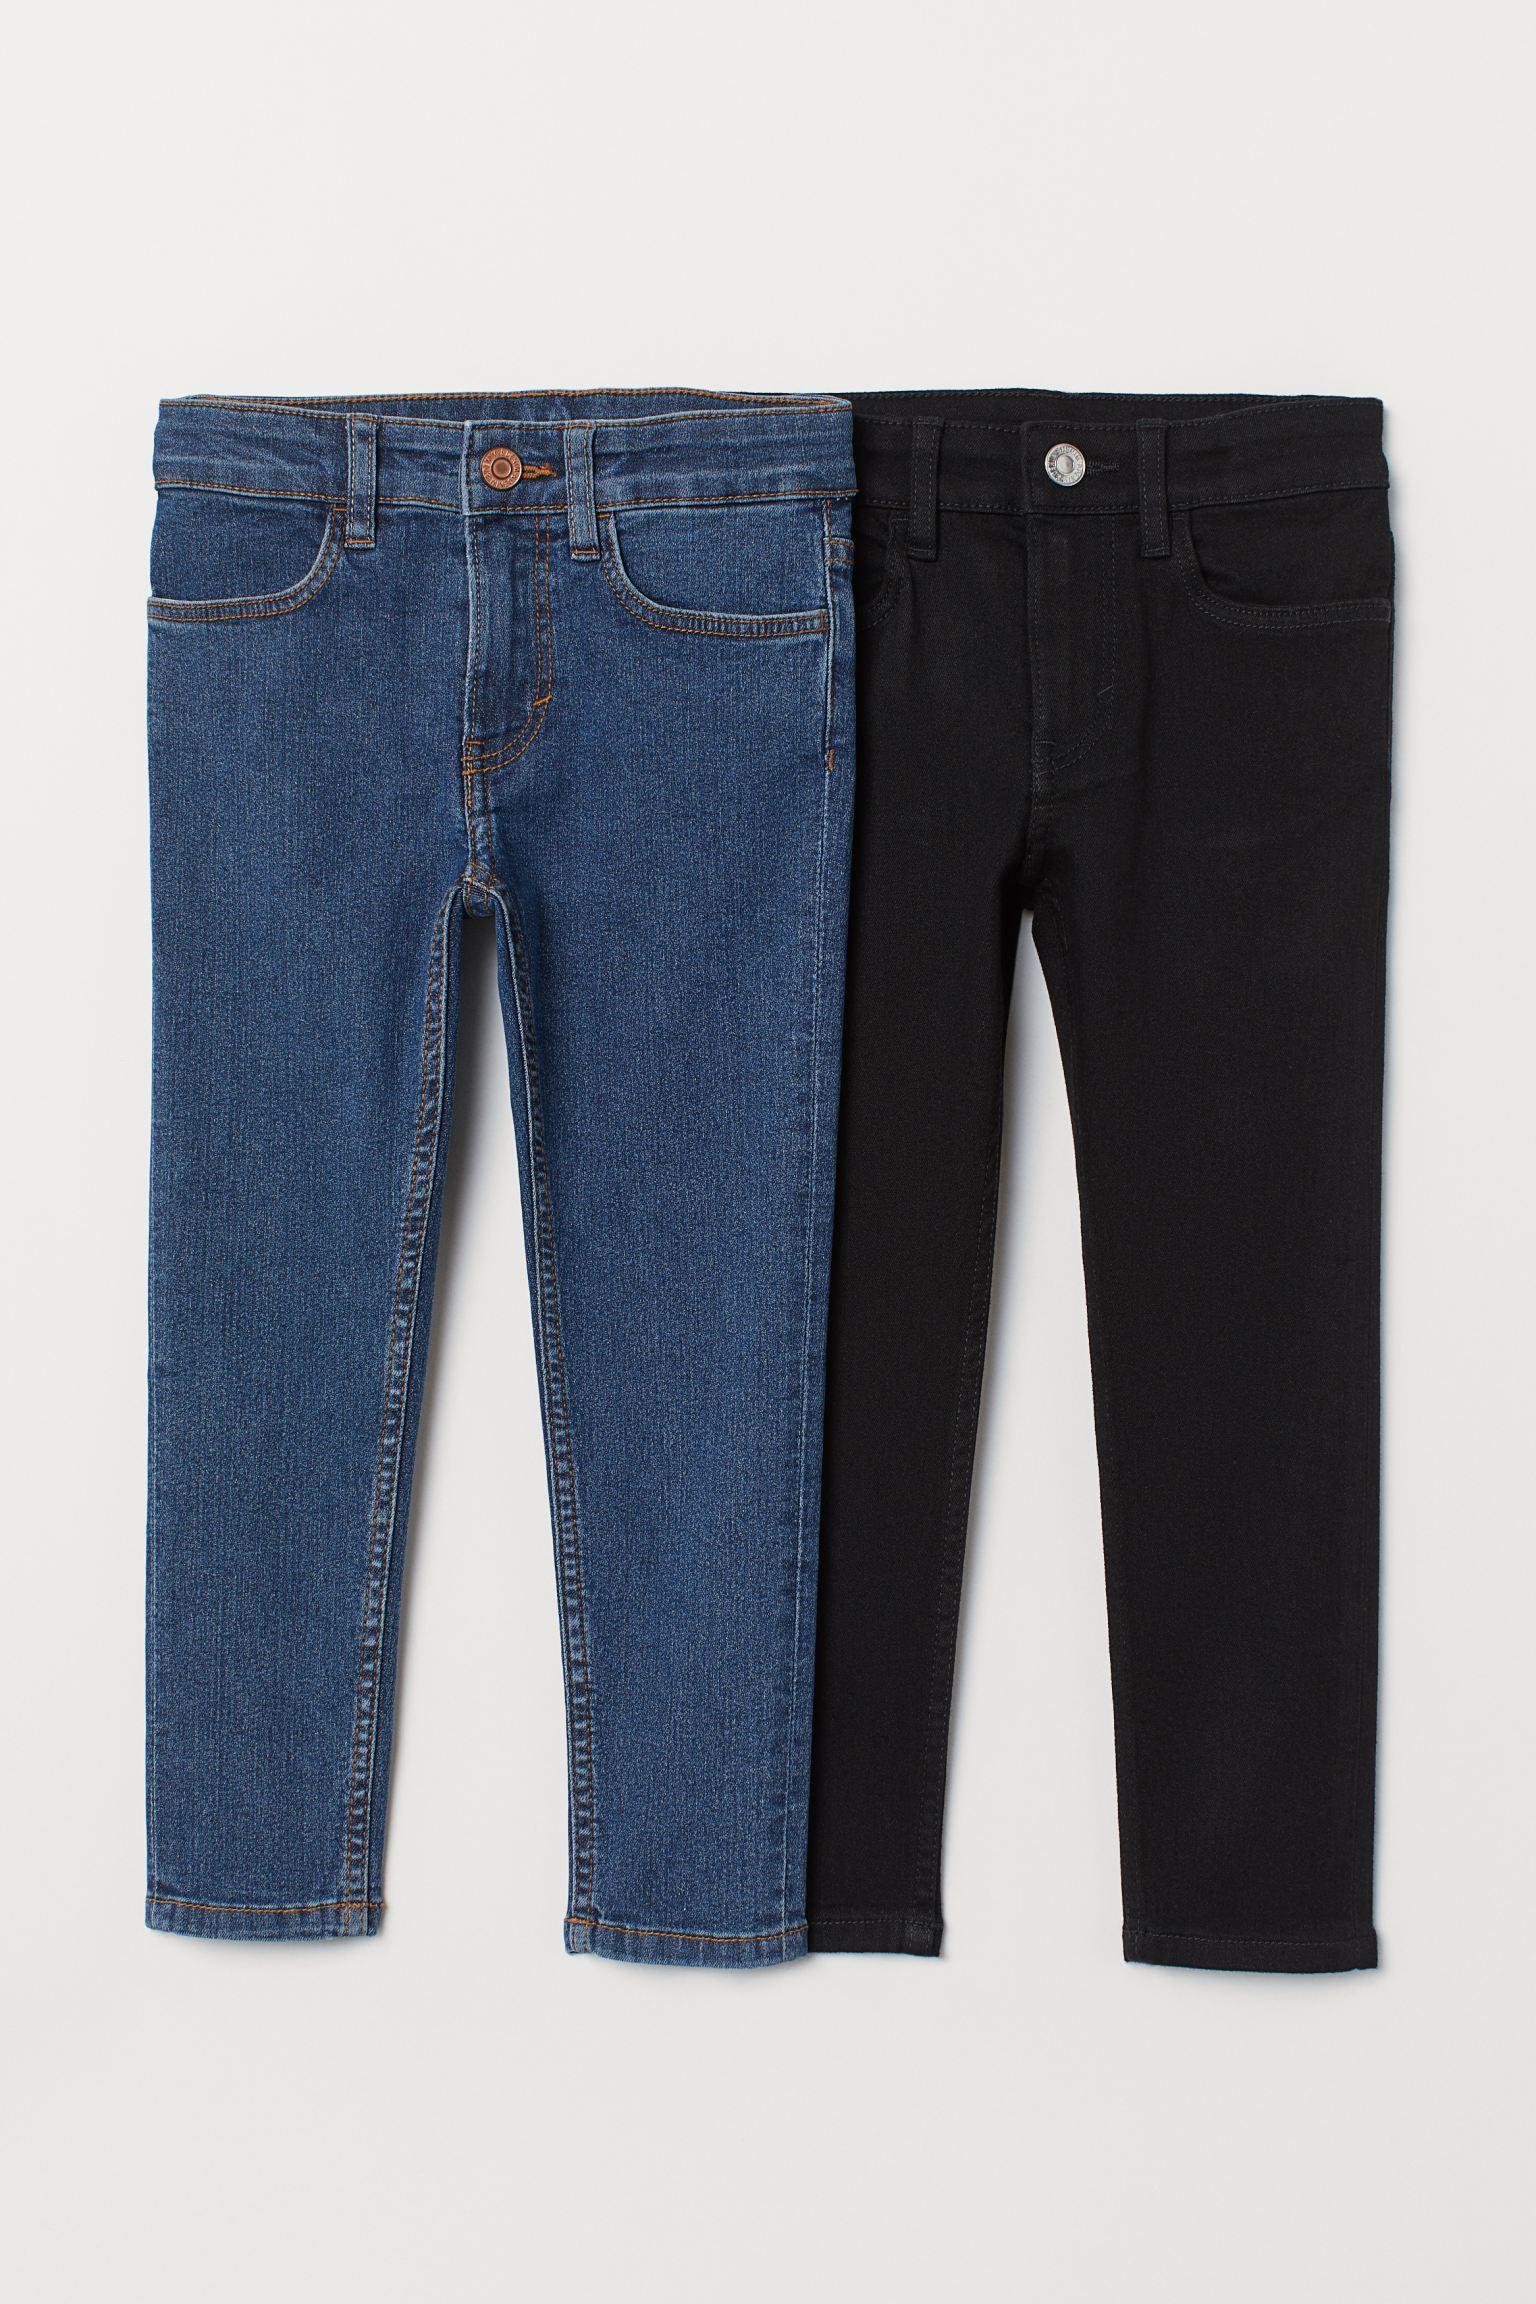 Отзыв на 2-пары узкие джинсы Fit Джинсы из Интернет-Магазина H&M